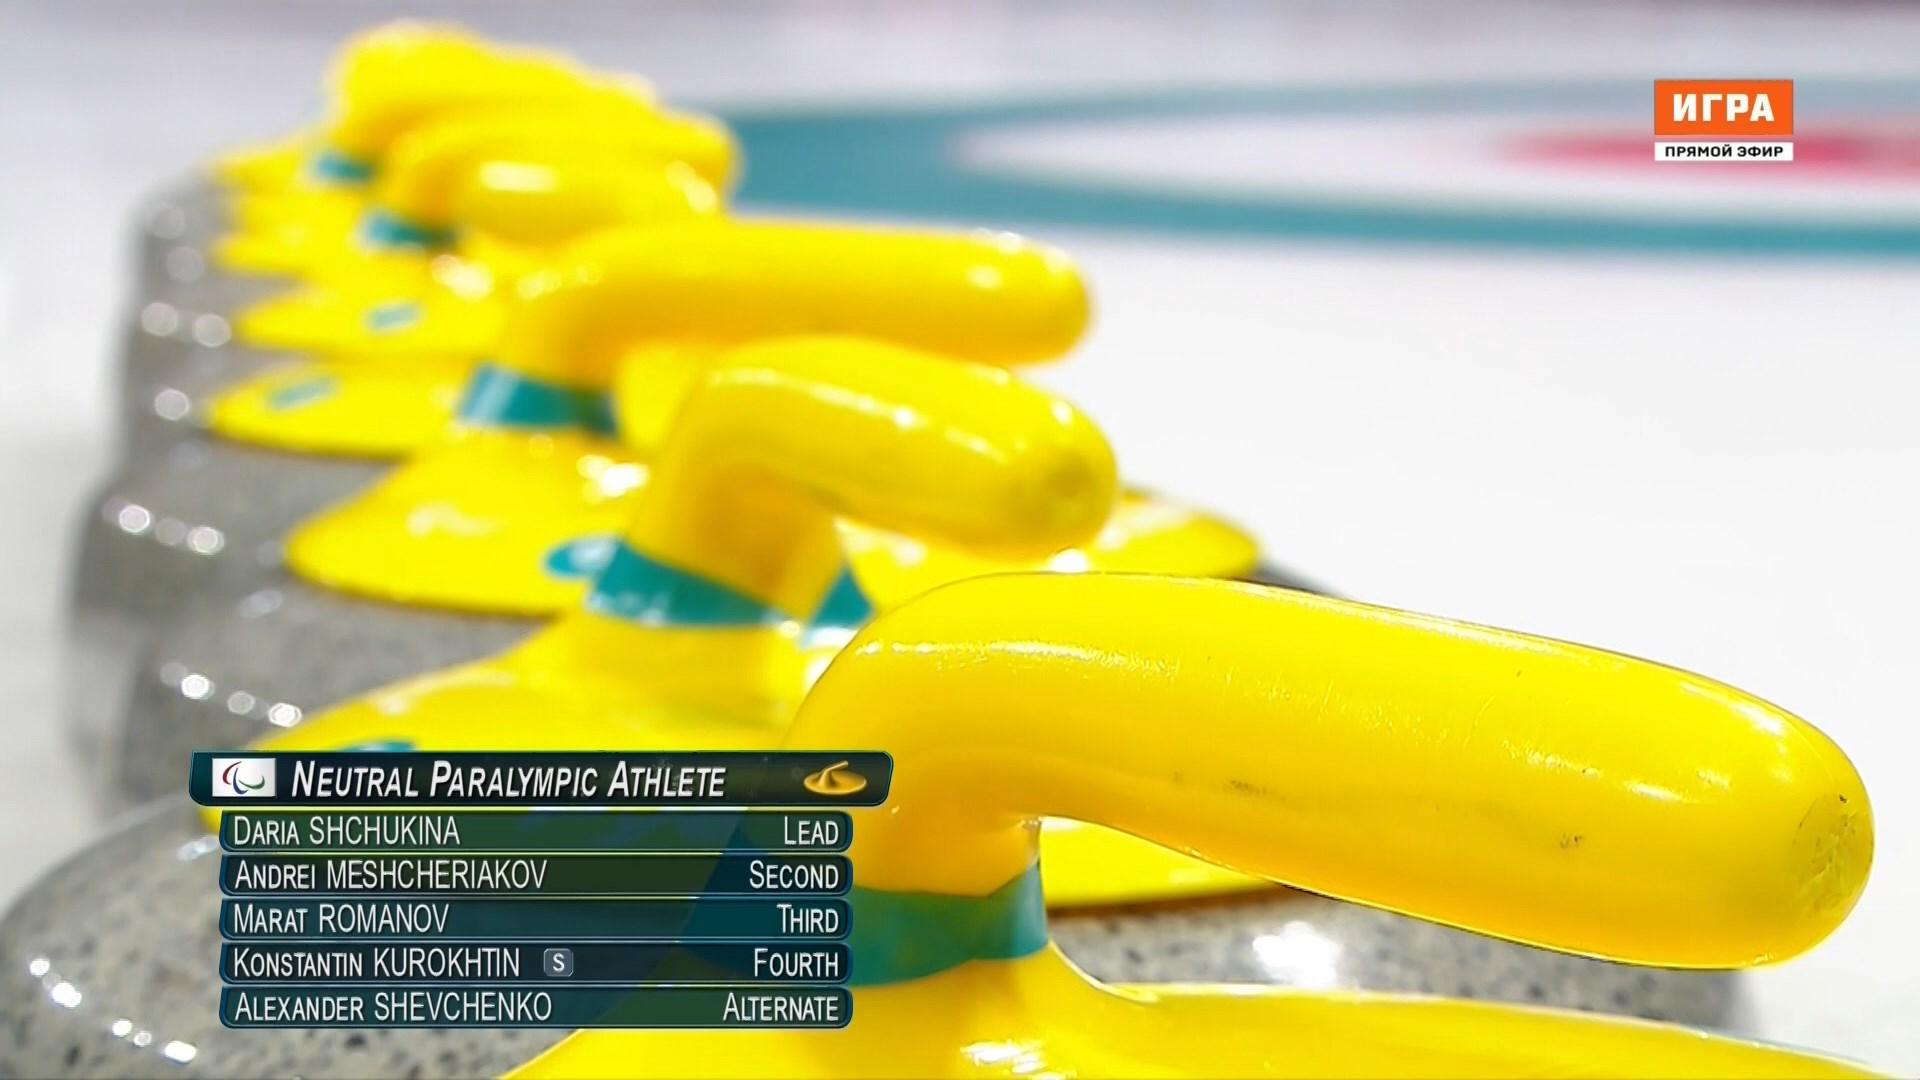 Изображение для XII Зимние Паралимпийские игры 2018 в Пхёнчане / Кёрлинг. Мужчины. Россия - Корея (2018) HDTV 1080i (кликните для просмотра полного изображения)